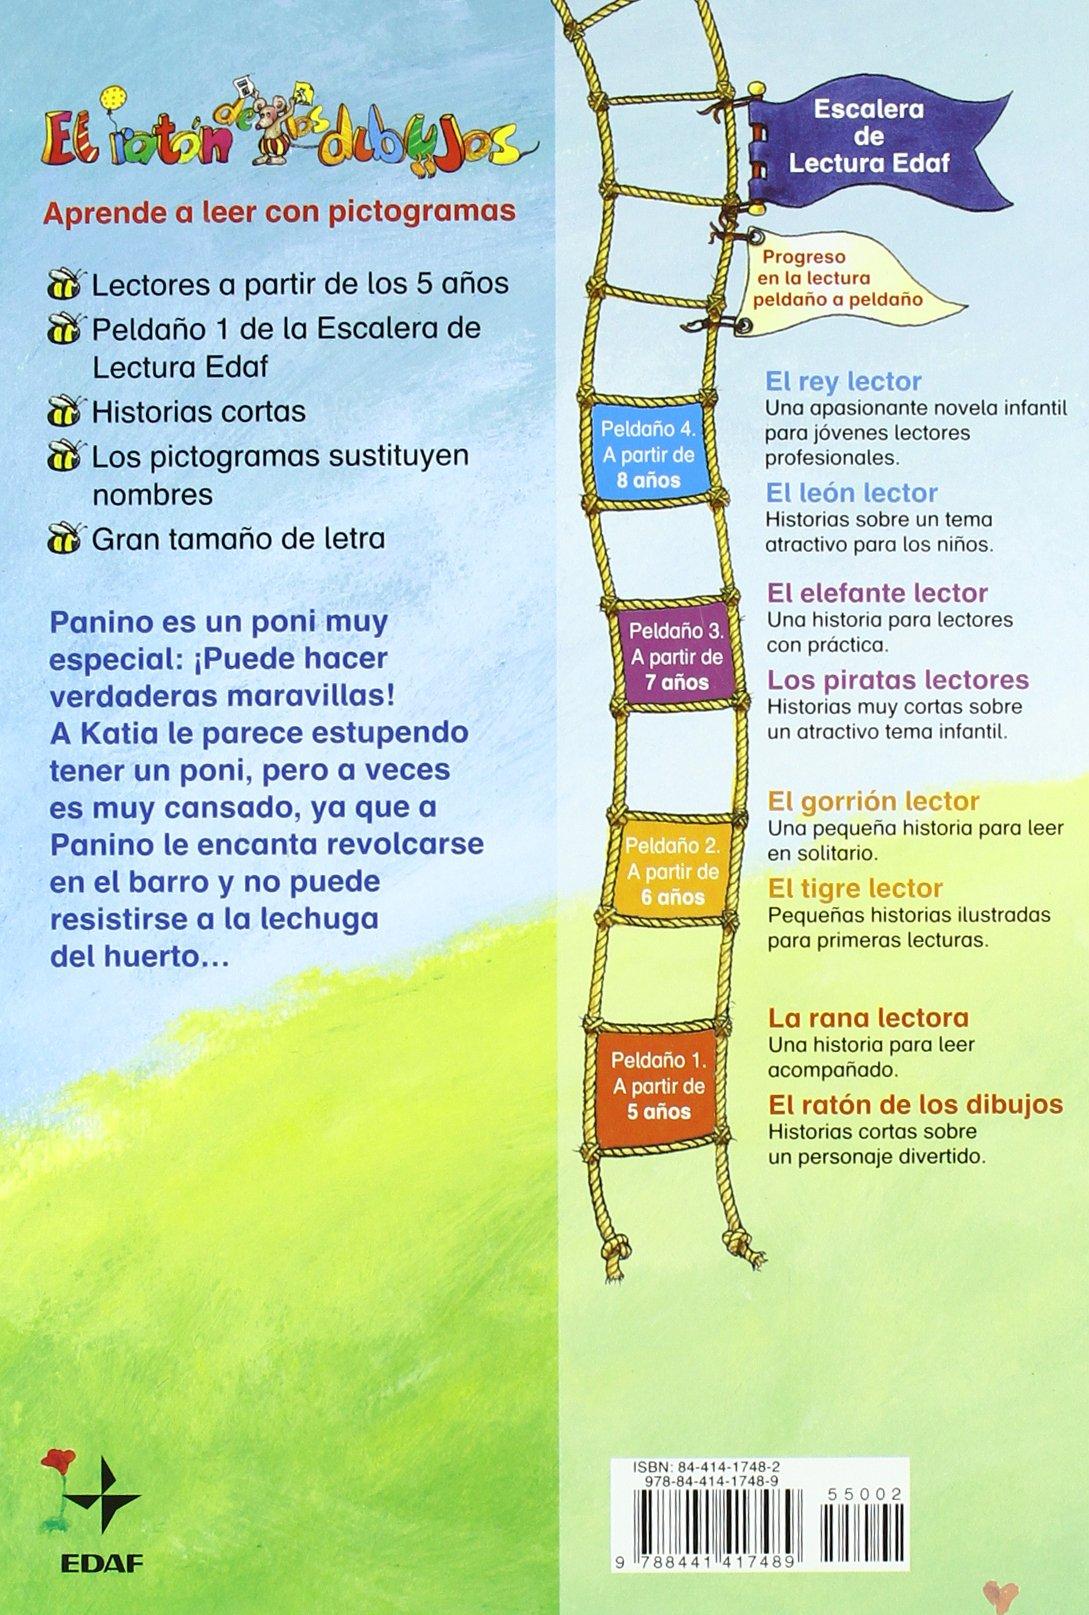 Historia Del Pequeño Poni (Escalera de Lectura): Amazon.es: Färber, Werner, Kraushaar, Sabine, Kraushaar, Sabine, Villaseñor Guerrero, Lucía: Libros